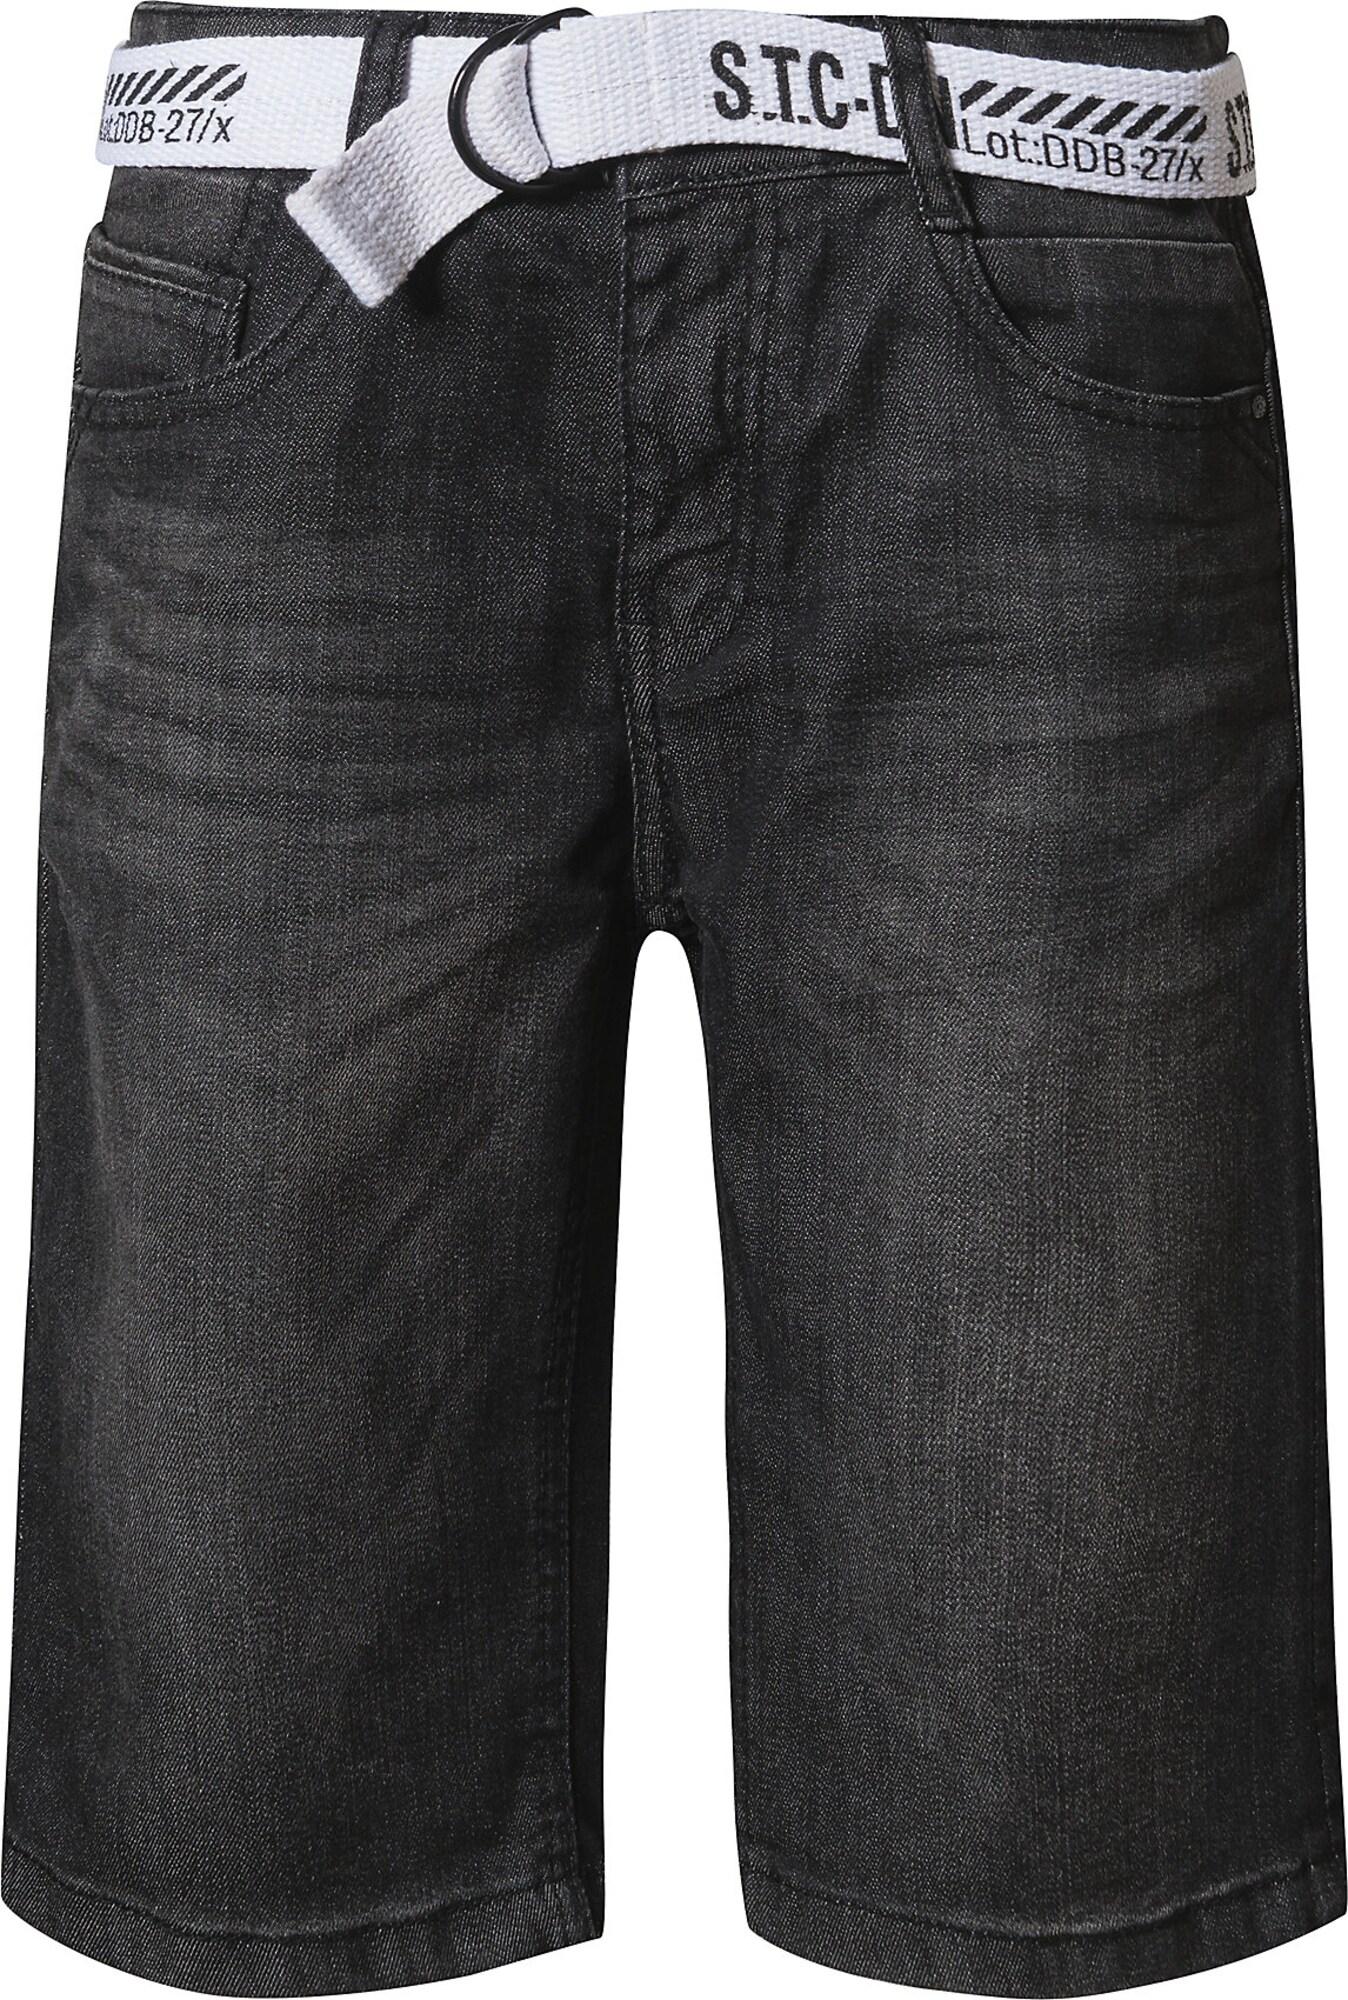 STACCATO Džinsai juodo džinso spalva / balta